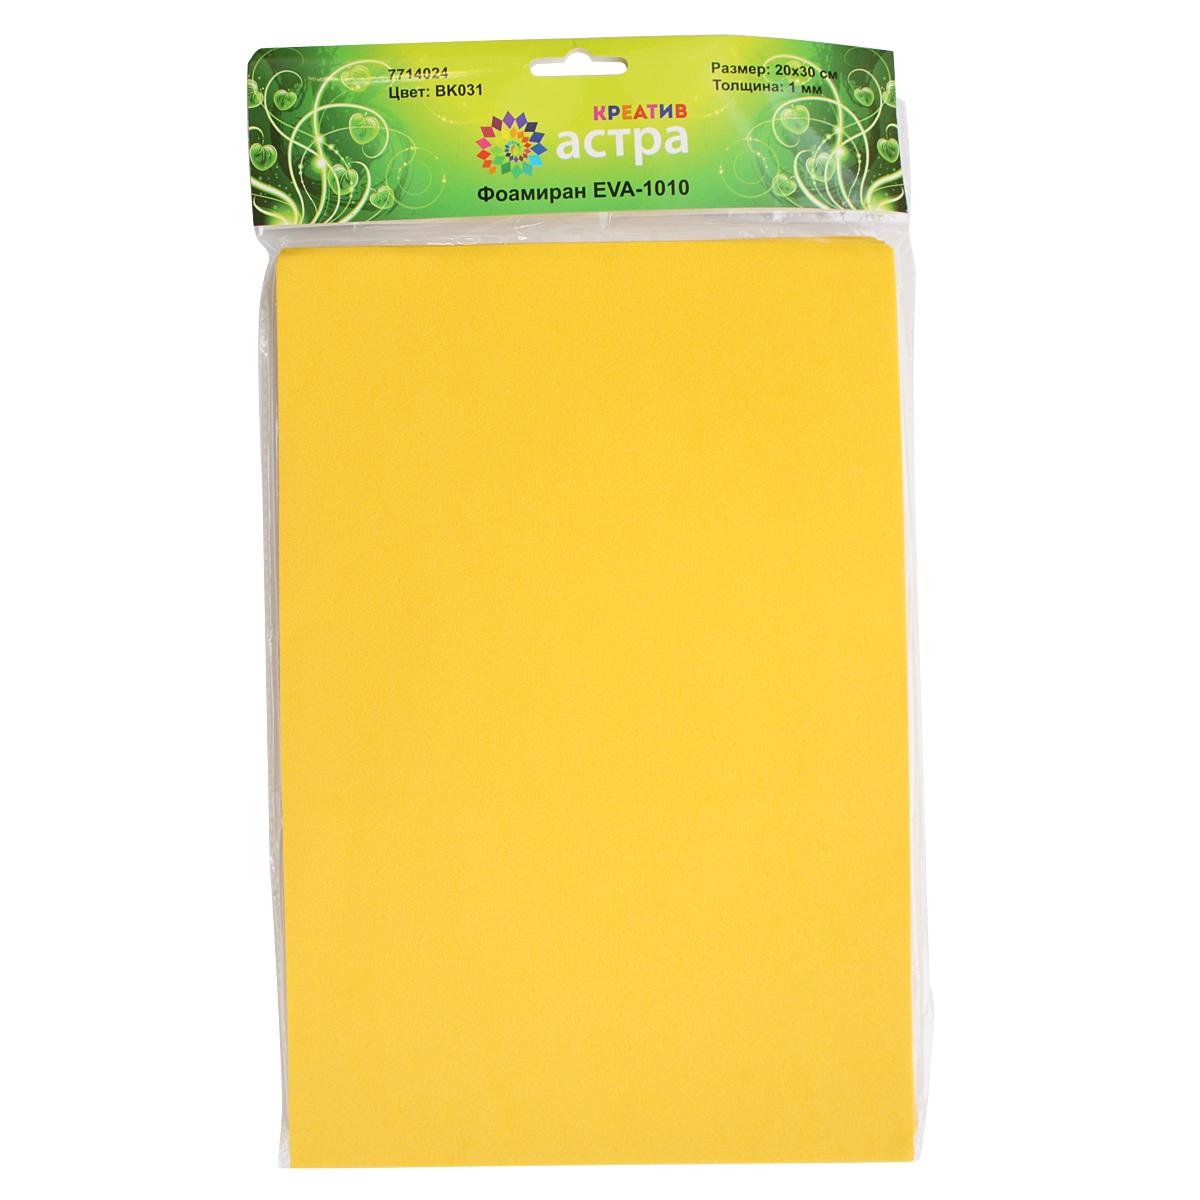 Фоамиран Астра, цвет: темно-желтый, 20 х 30 см, 10 шт09840-20.000.00Фоамиран Астра - это пластичная замша, ее можно применить для создания разнообразного вида декора: открытки, магнитики, цветы, забавные игрушки и т.д. Главная особенность материала фоамиран заключается в его способности к незначительному растяжению, которого вполне достаточно для «запоминания» изделием своей формы.На ощупь мягкая синтетическая замша очень приятна и податлива, поэтому работать с ней не составит труда даже начинающему.Размер ткани: 200 x 300 мм. В упаковке 10 штук.